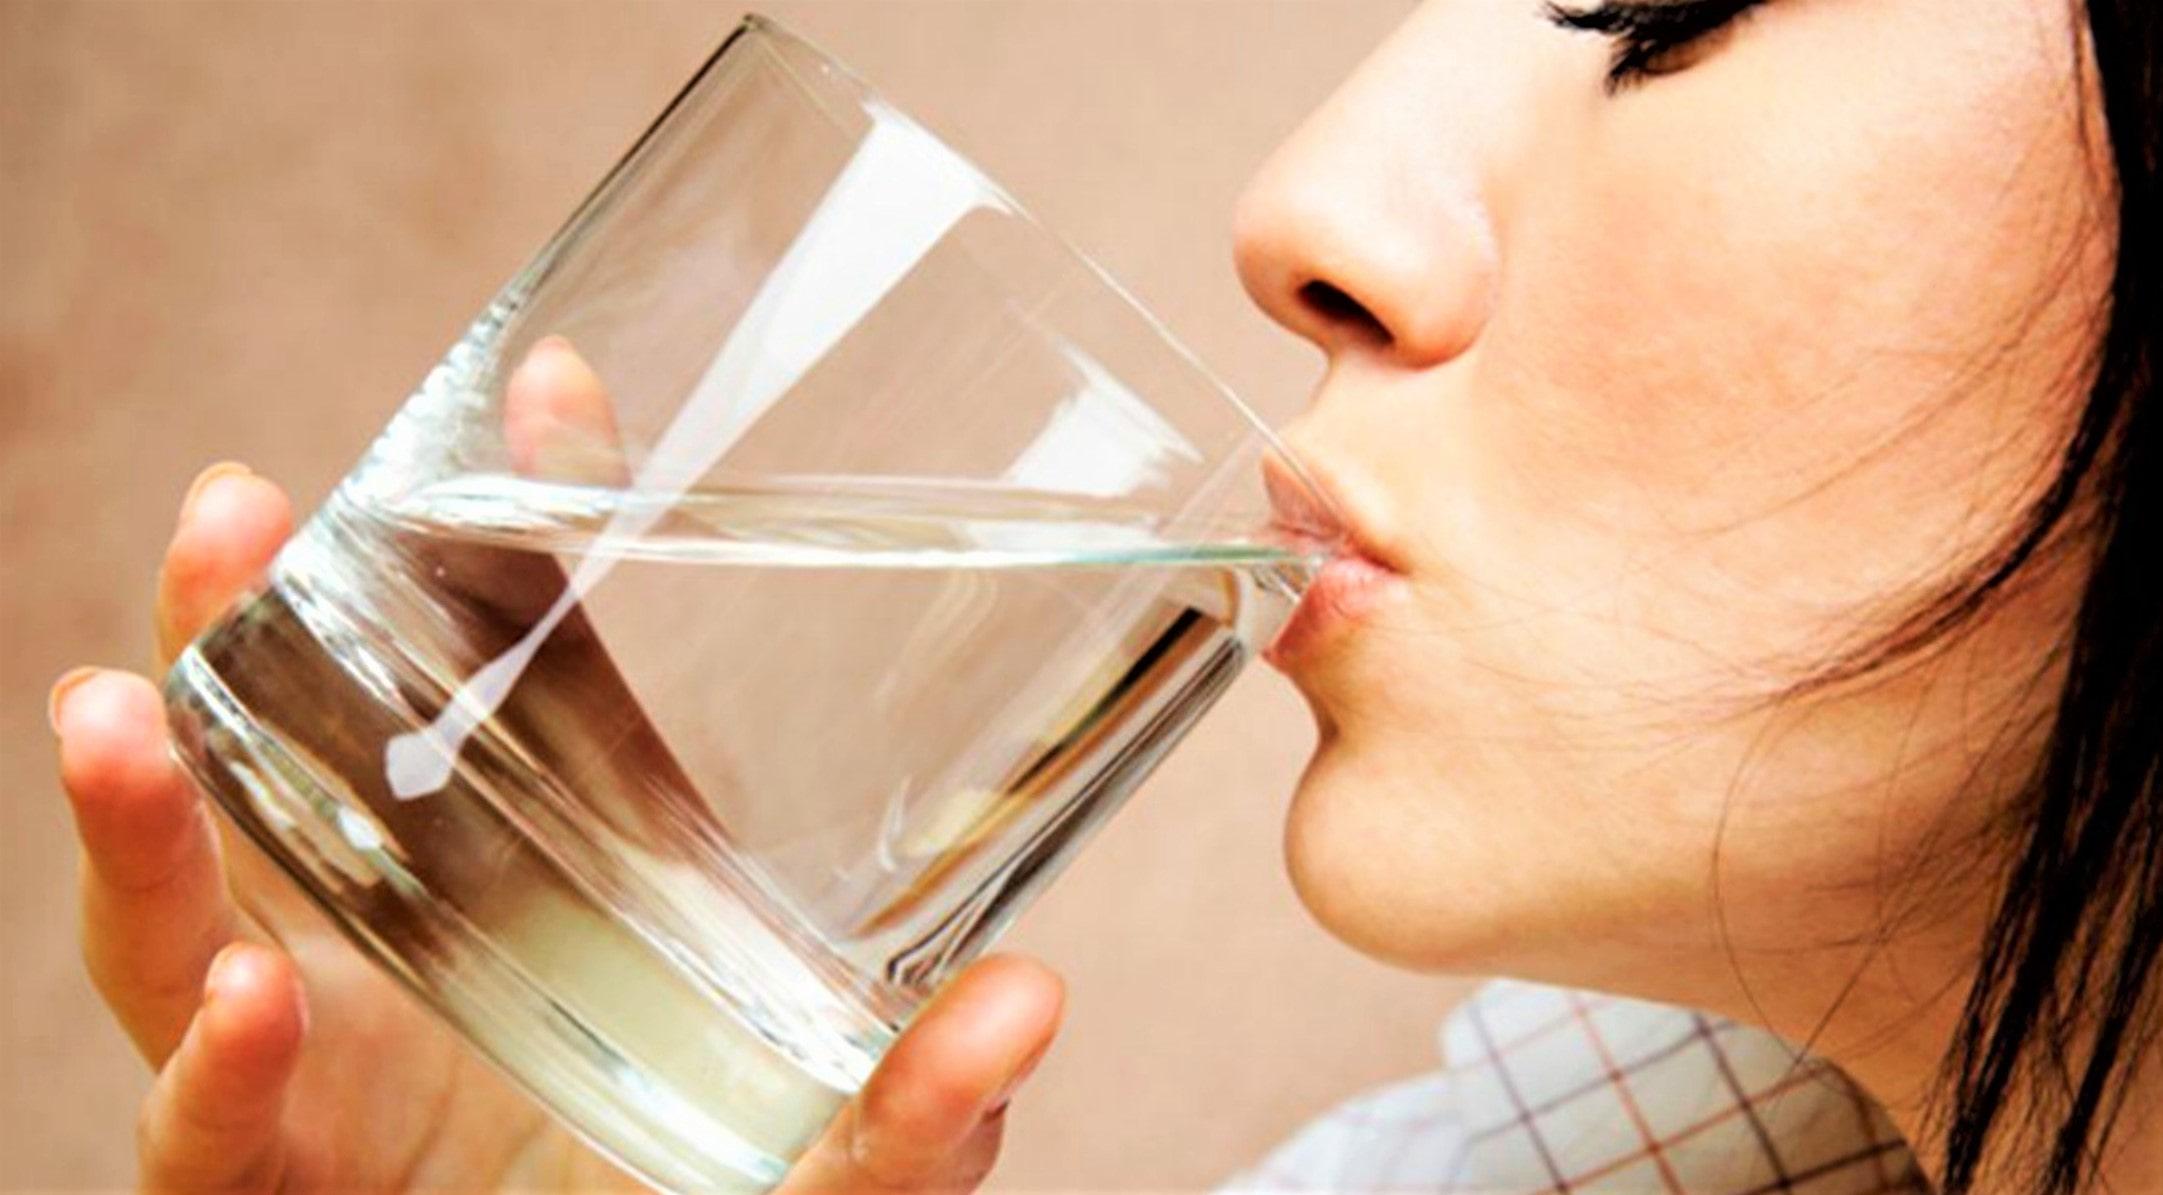 एक दिनमा कति पानी पिउदा ठिक ? image